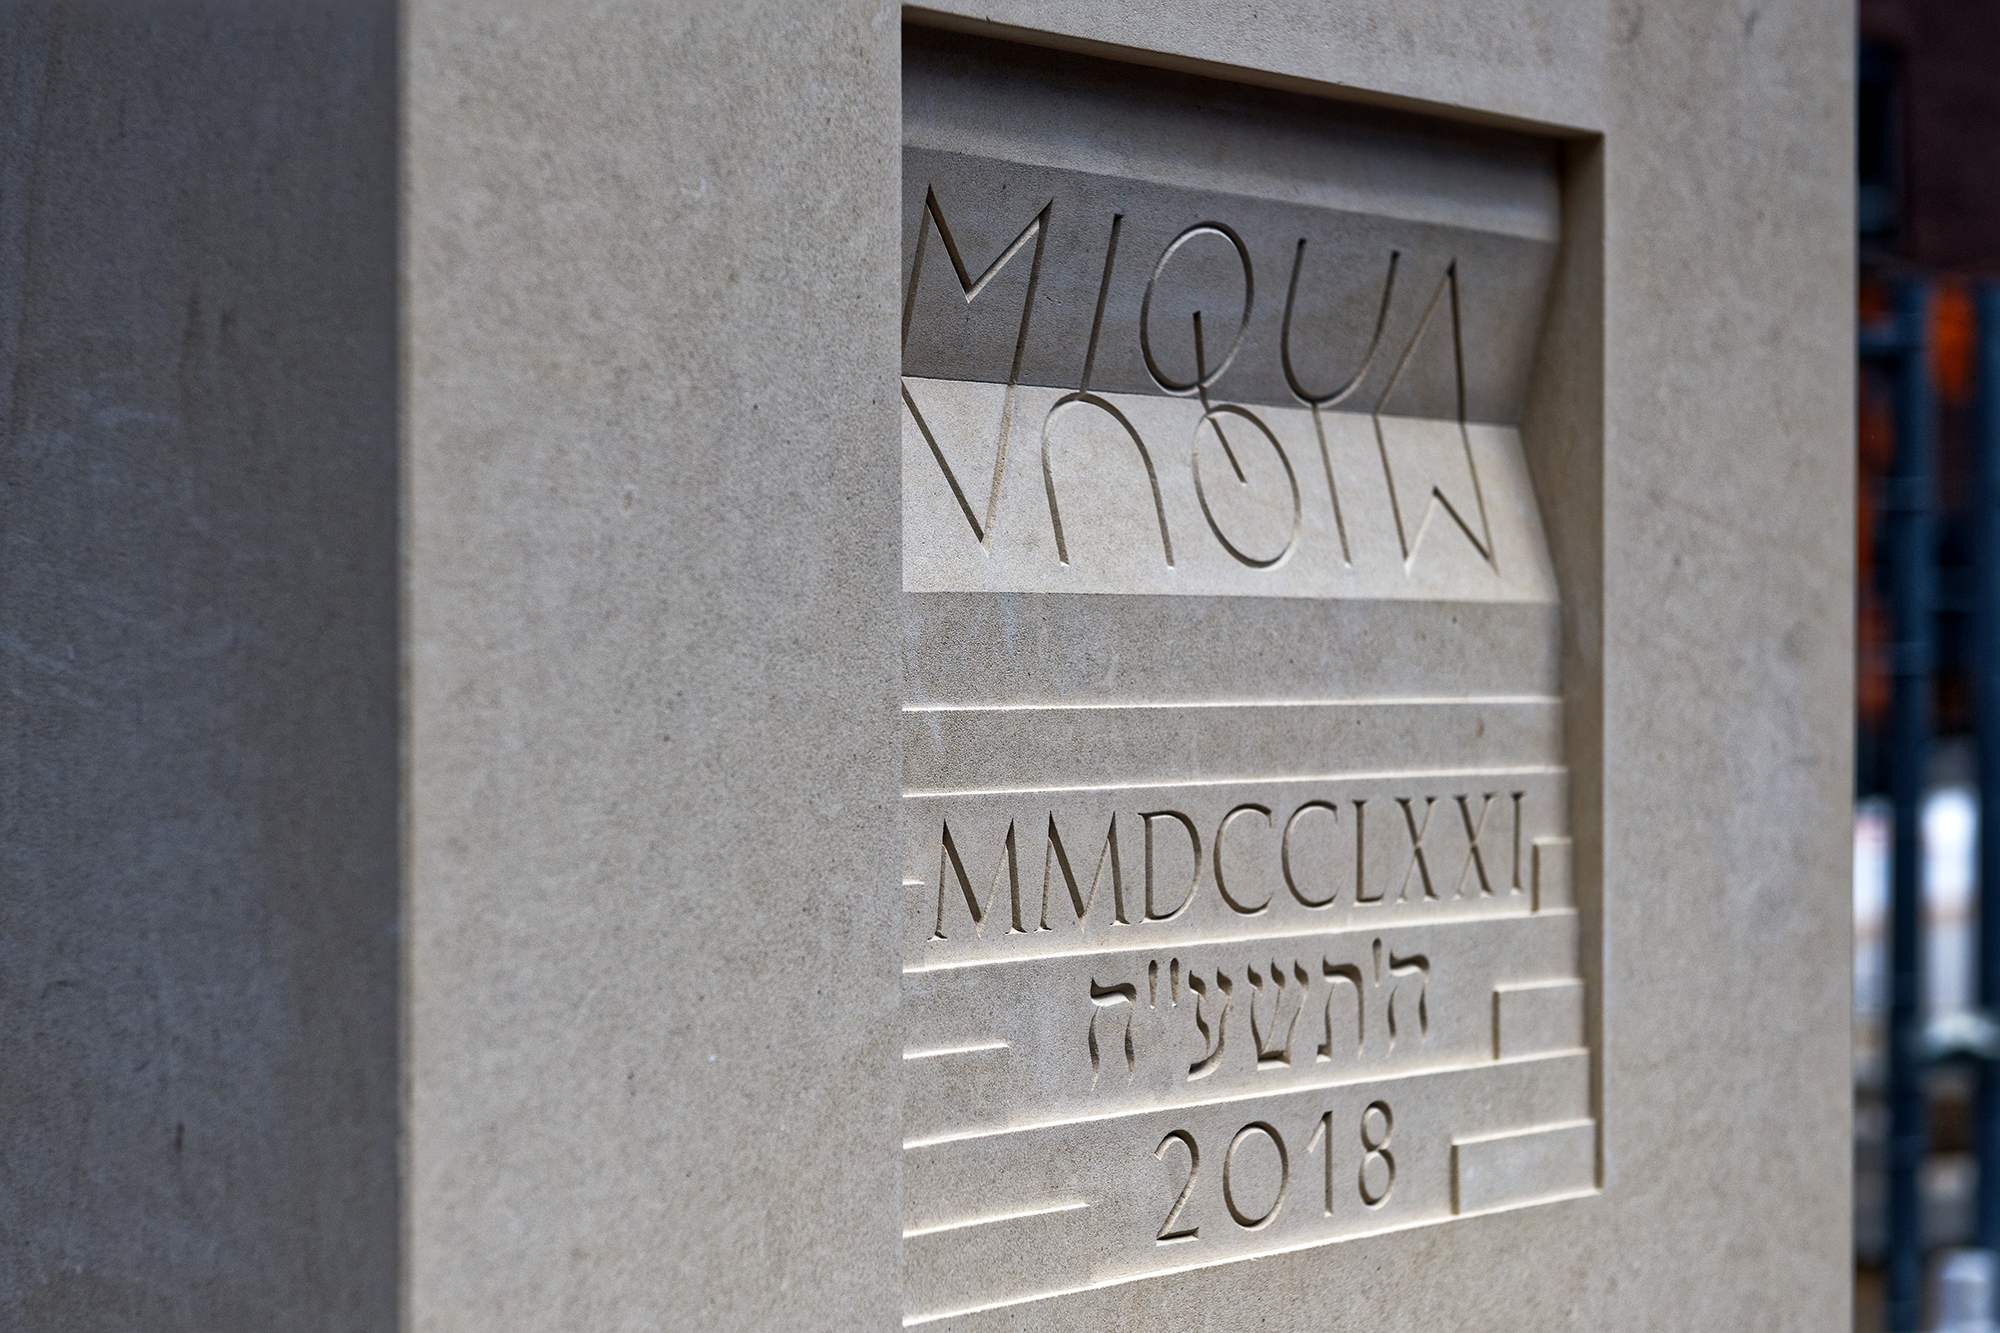 Der Grundstein für das MiQua